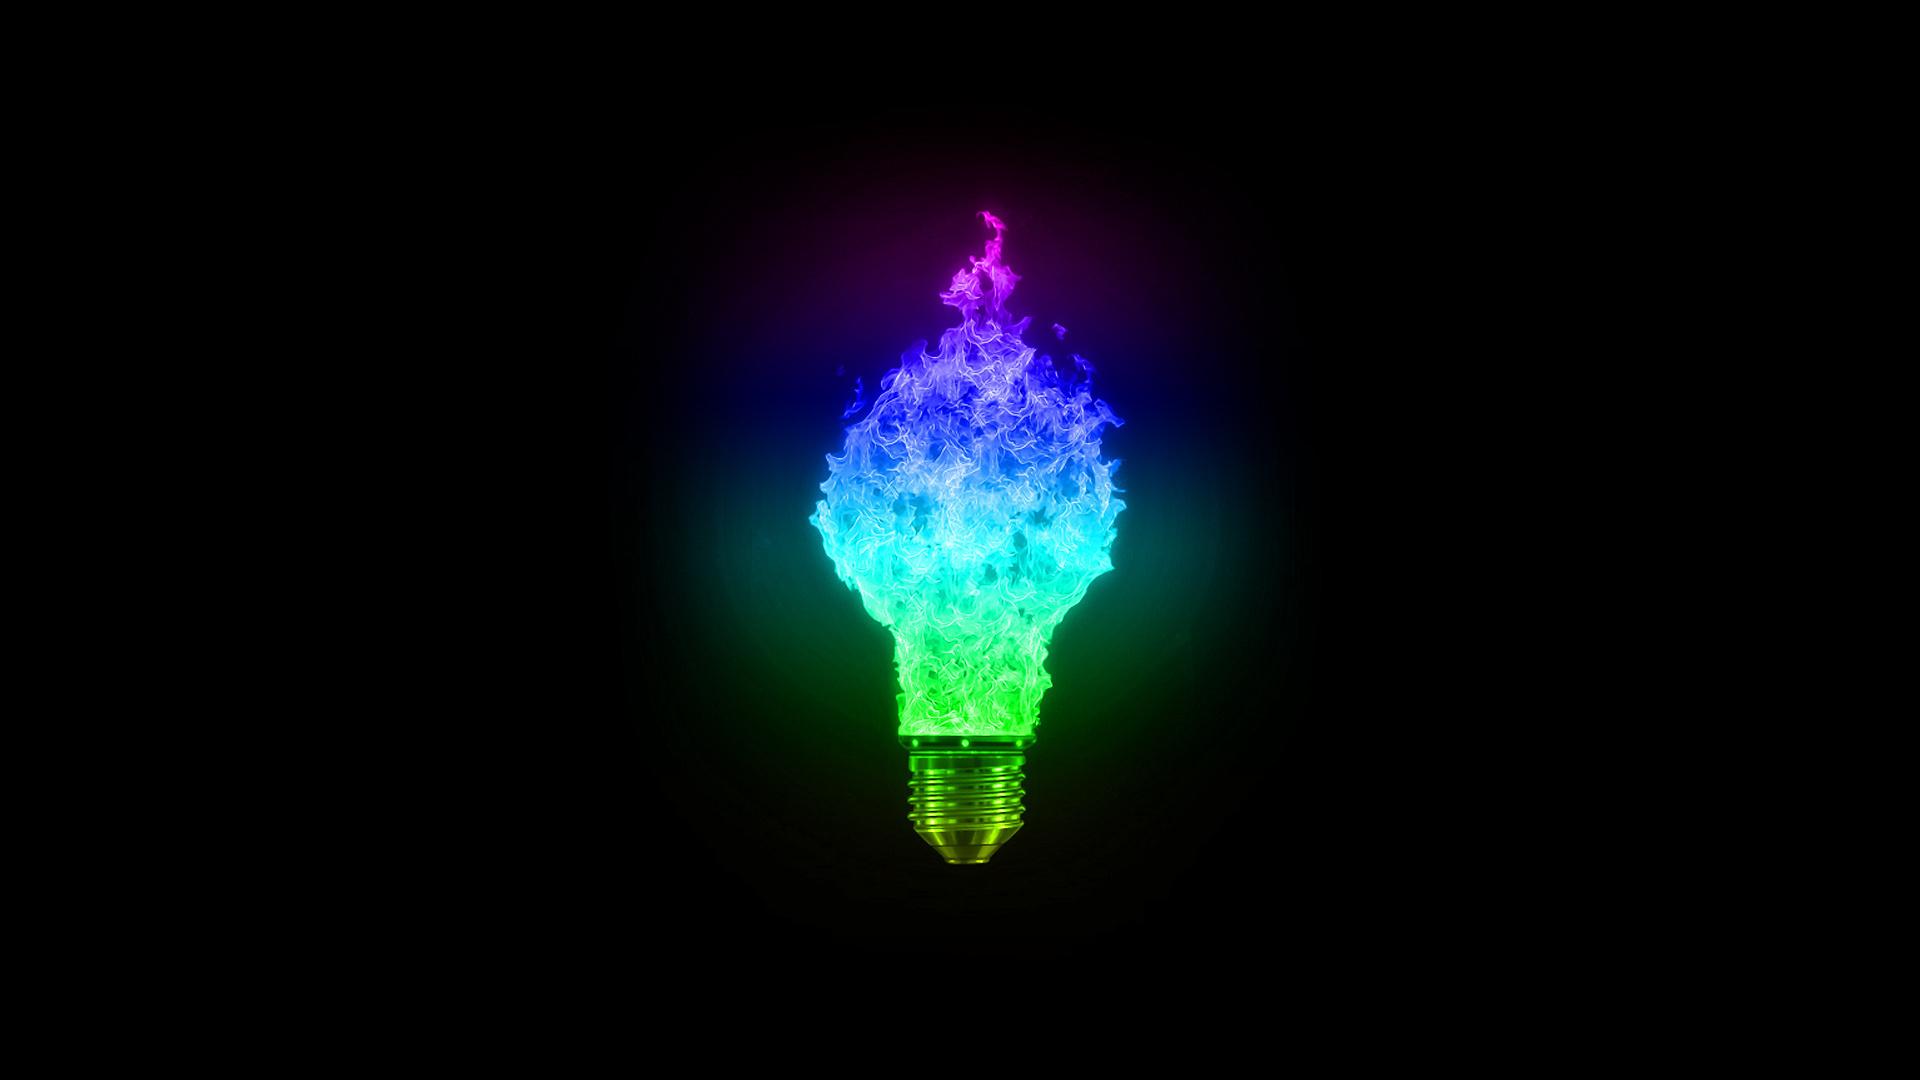 Lamp Wallpaper 5441